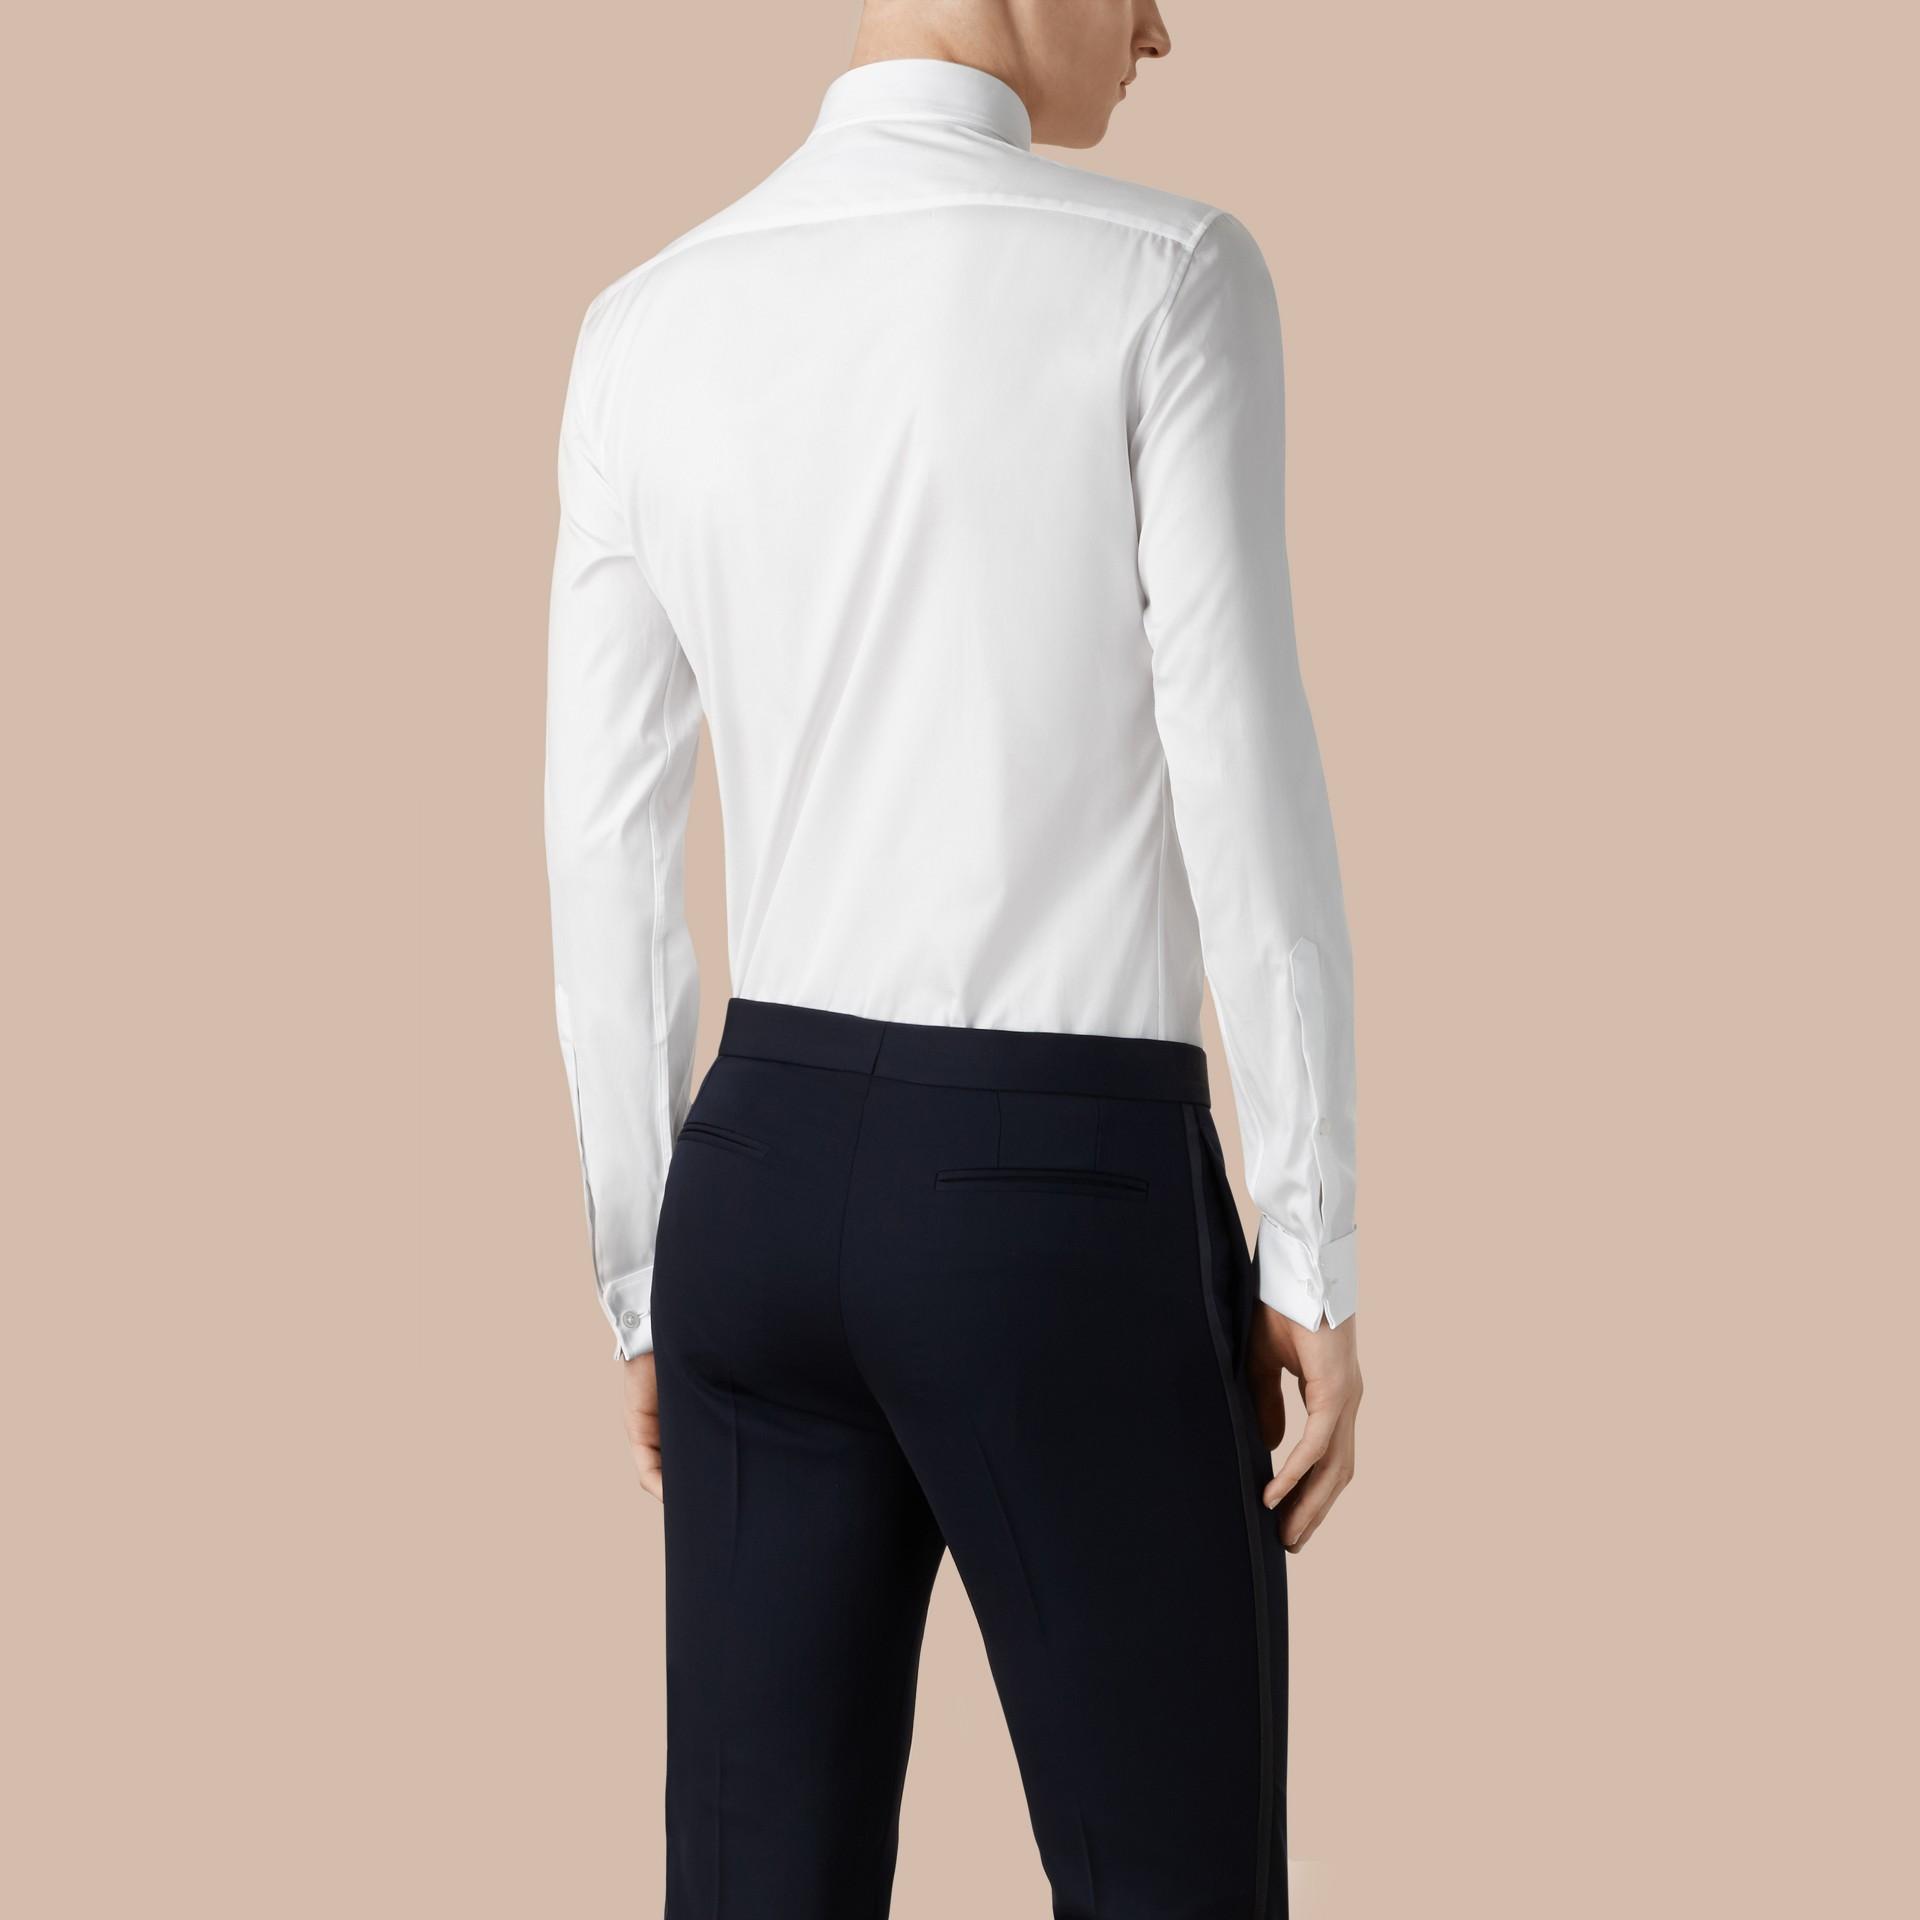 Branco ótico Camisa social de algodão com corte slim - galeria de imagens 3